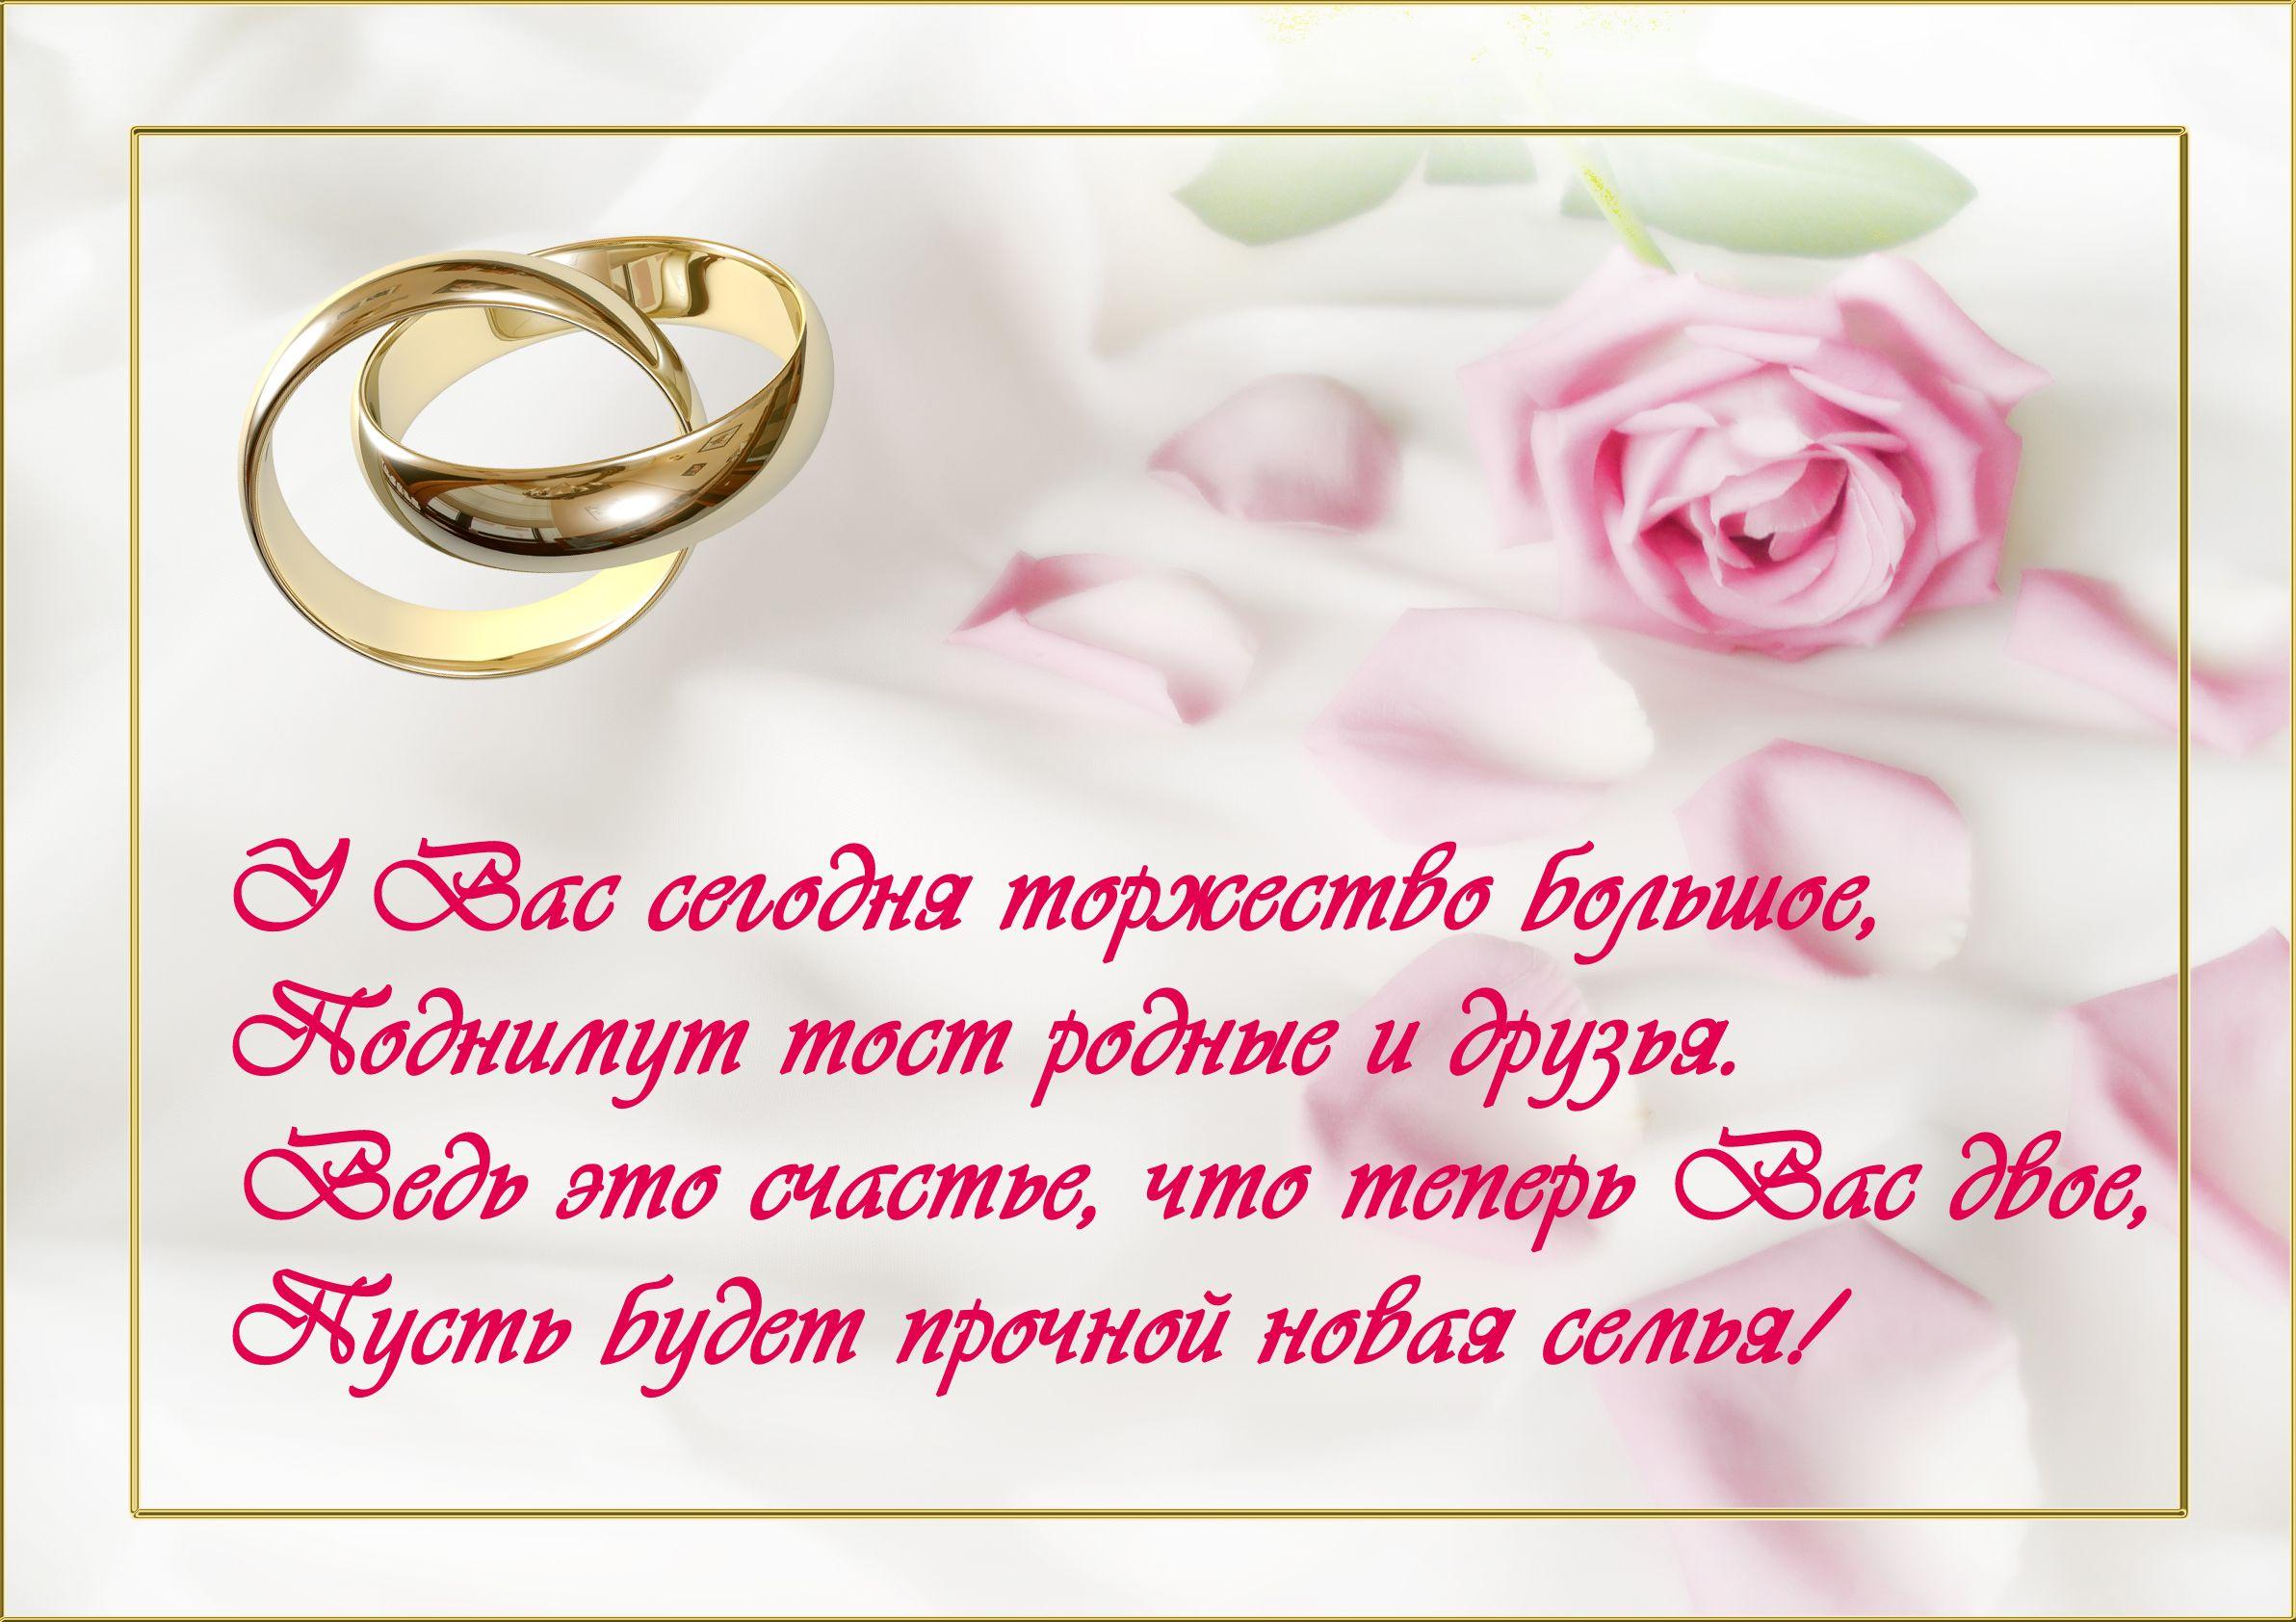 Трогательные поздравления со свадьбой молодоженам в прозе